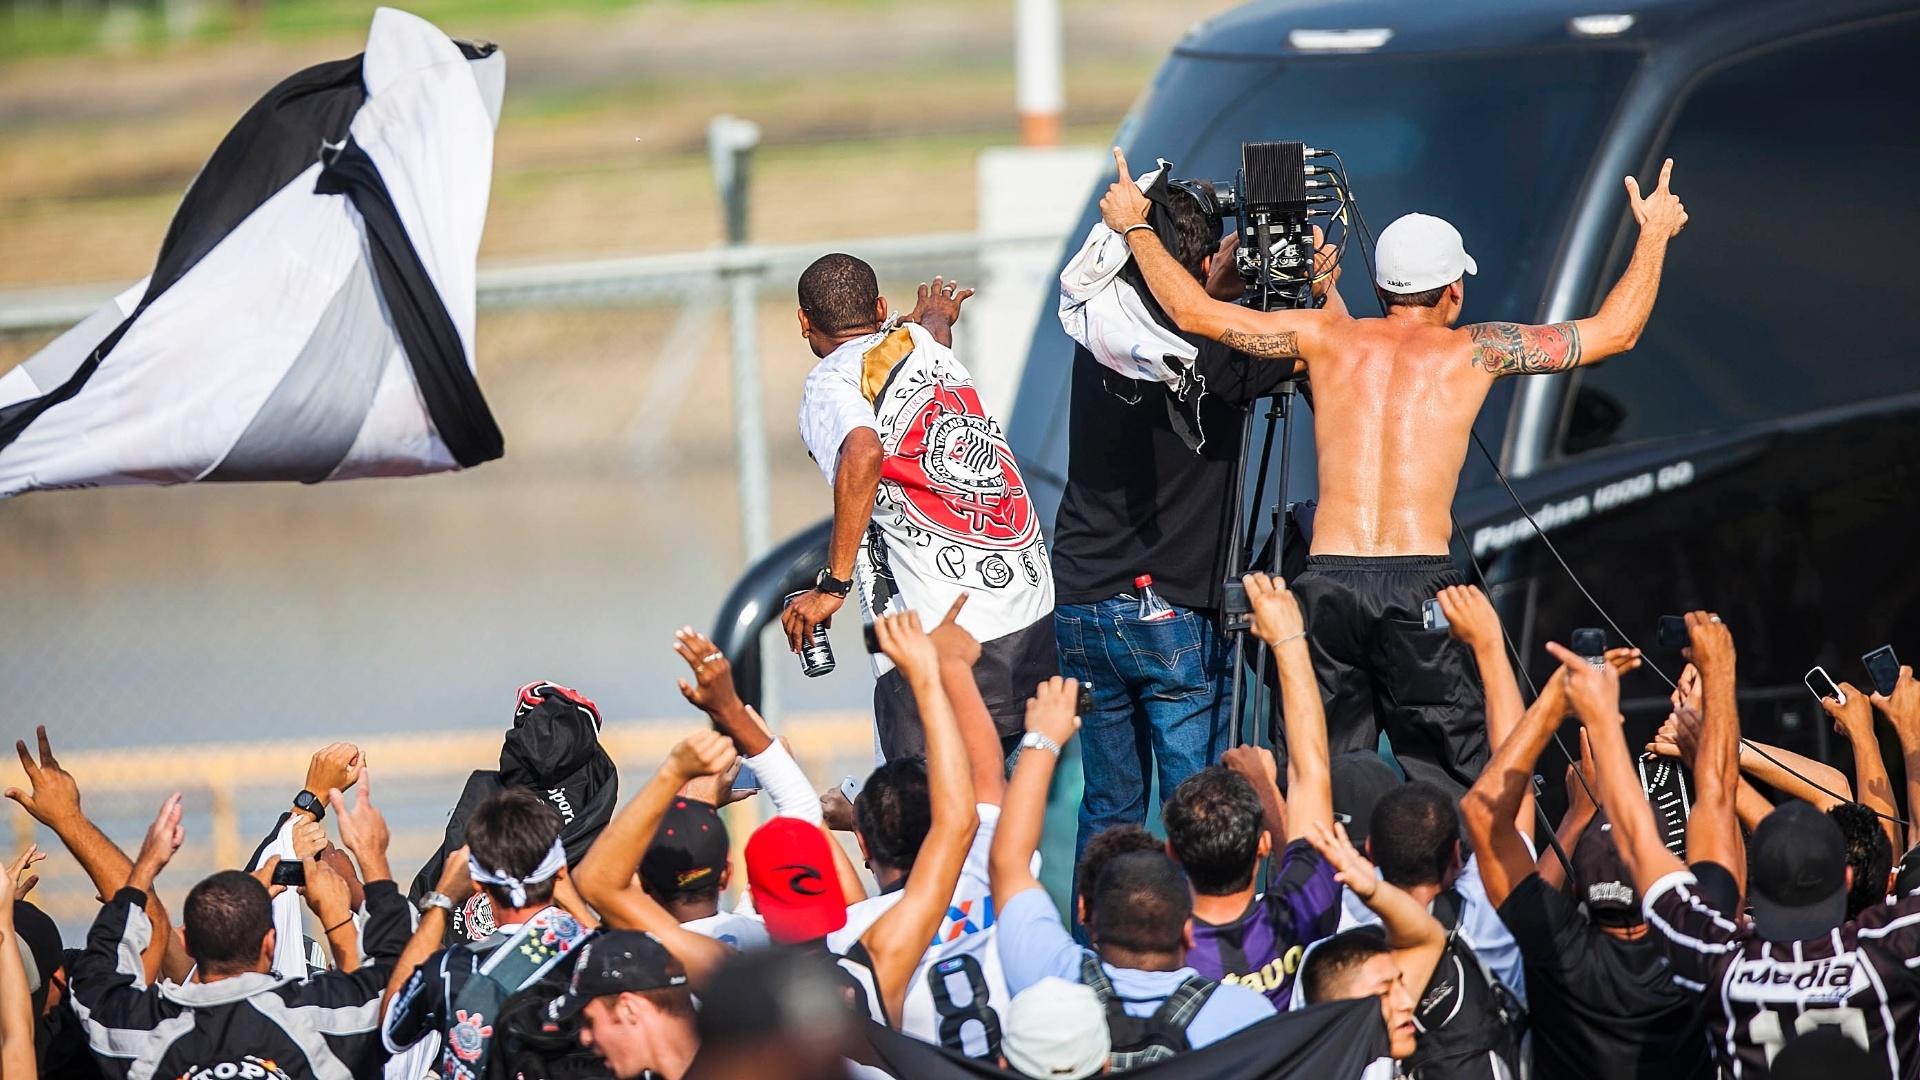 18.dez.2012- Torcedores do Corinthians recepcionam ônibus do time em desembarque no aeroporto de Guarulhos, em São Paulo